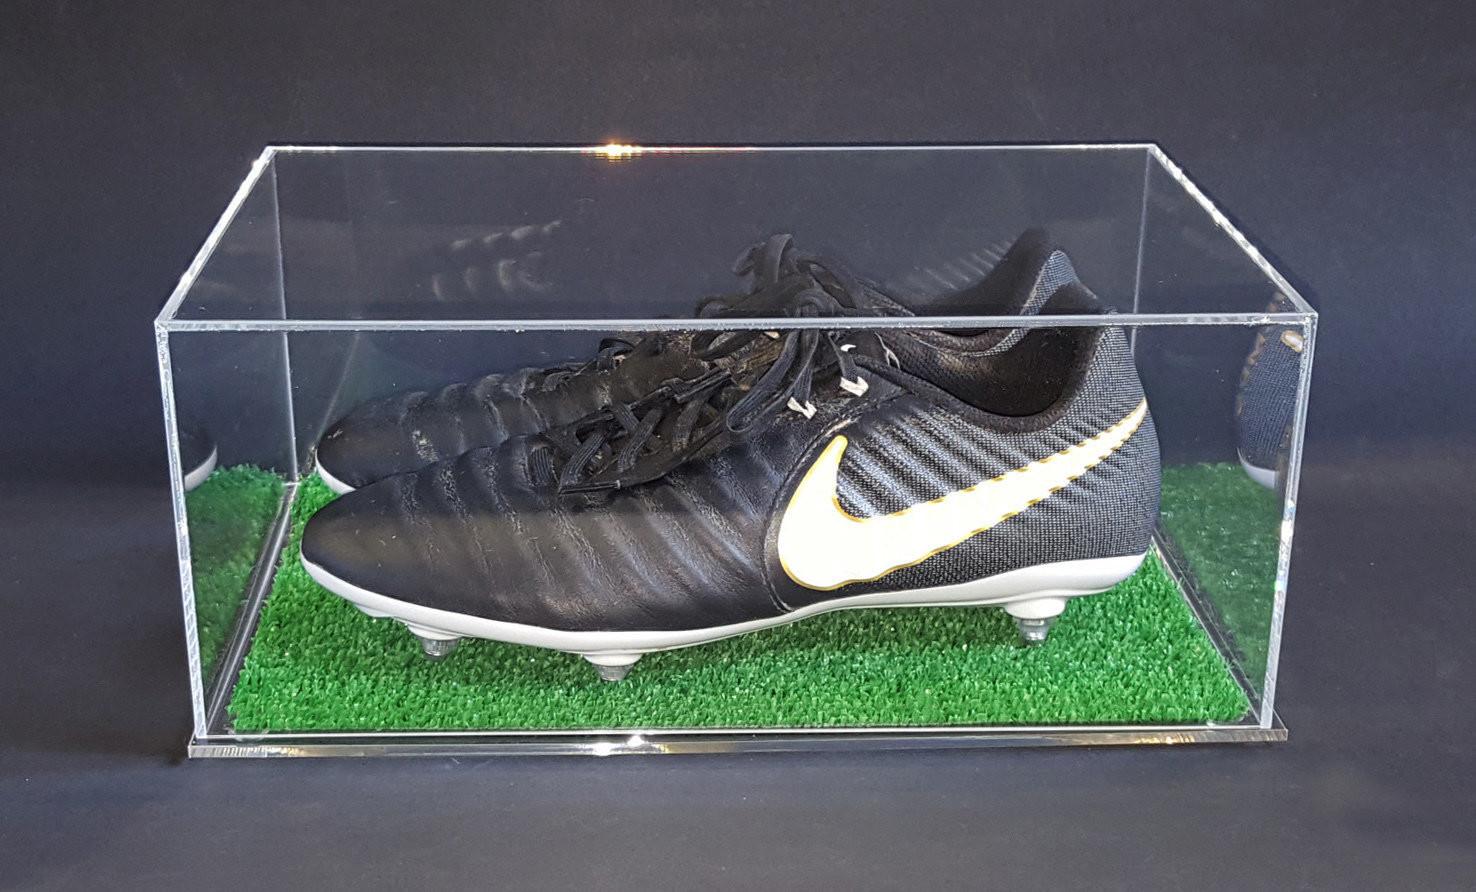 Espositore Per Scarpa da  Calcio Display Case for Boot Soccer Football